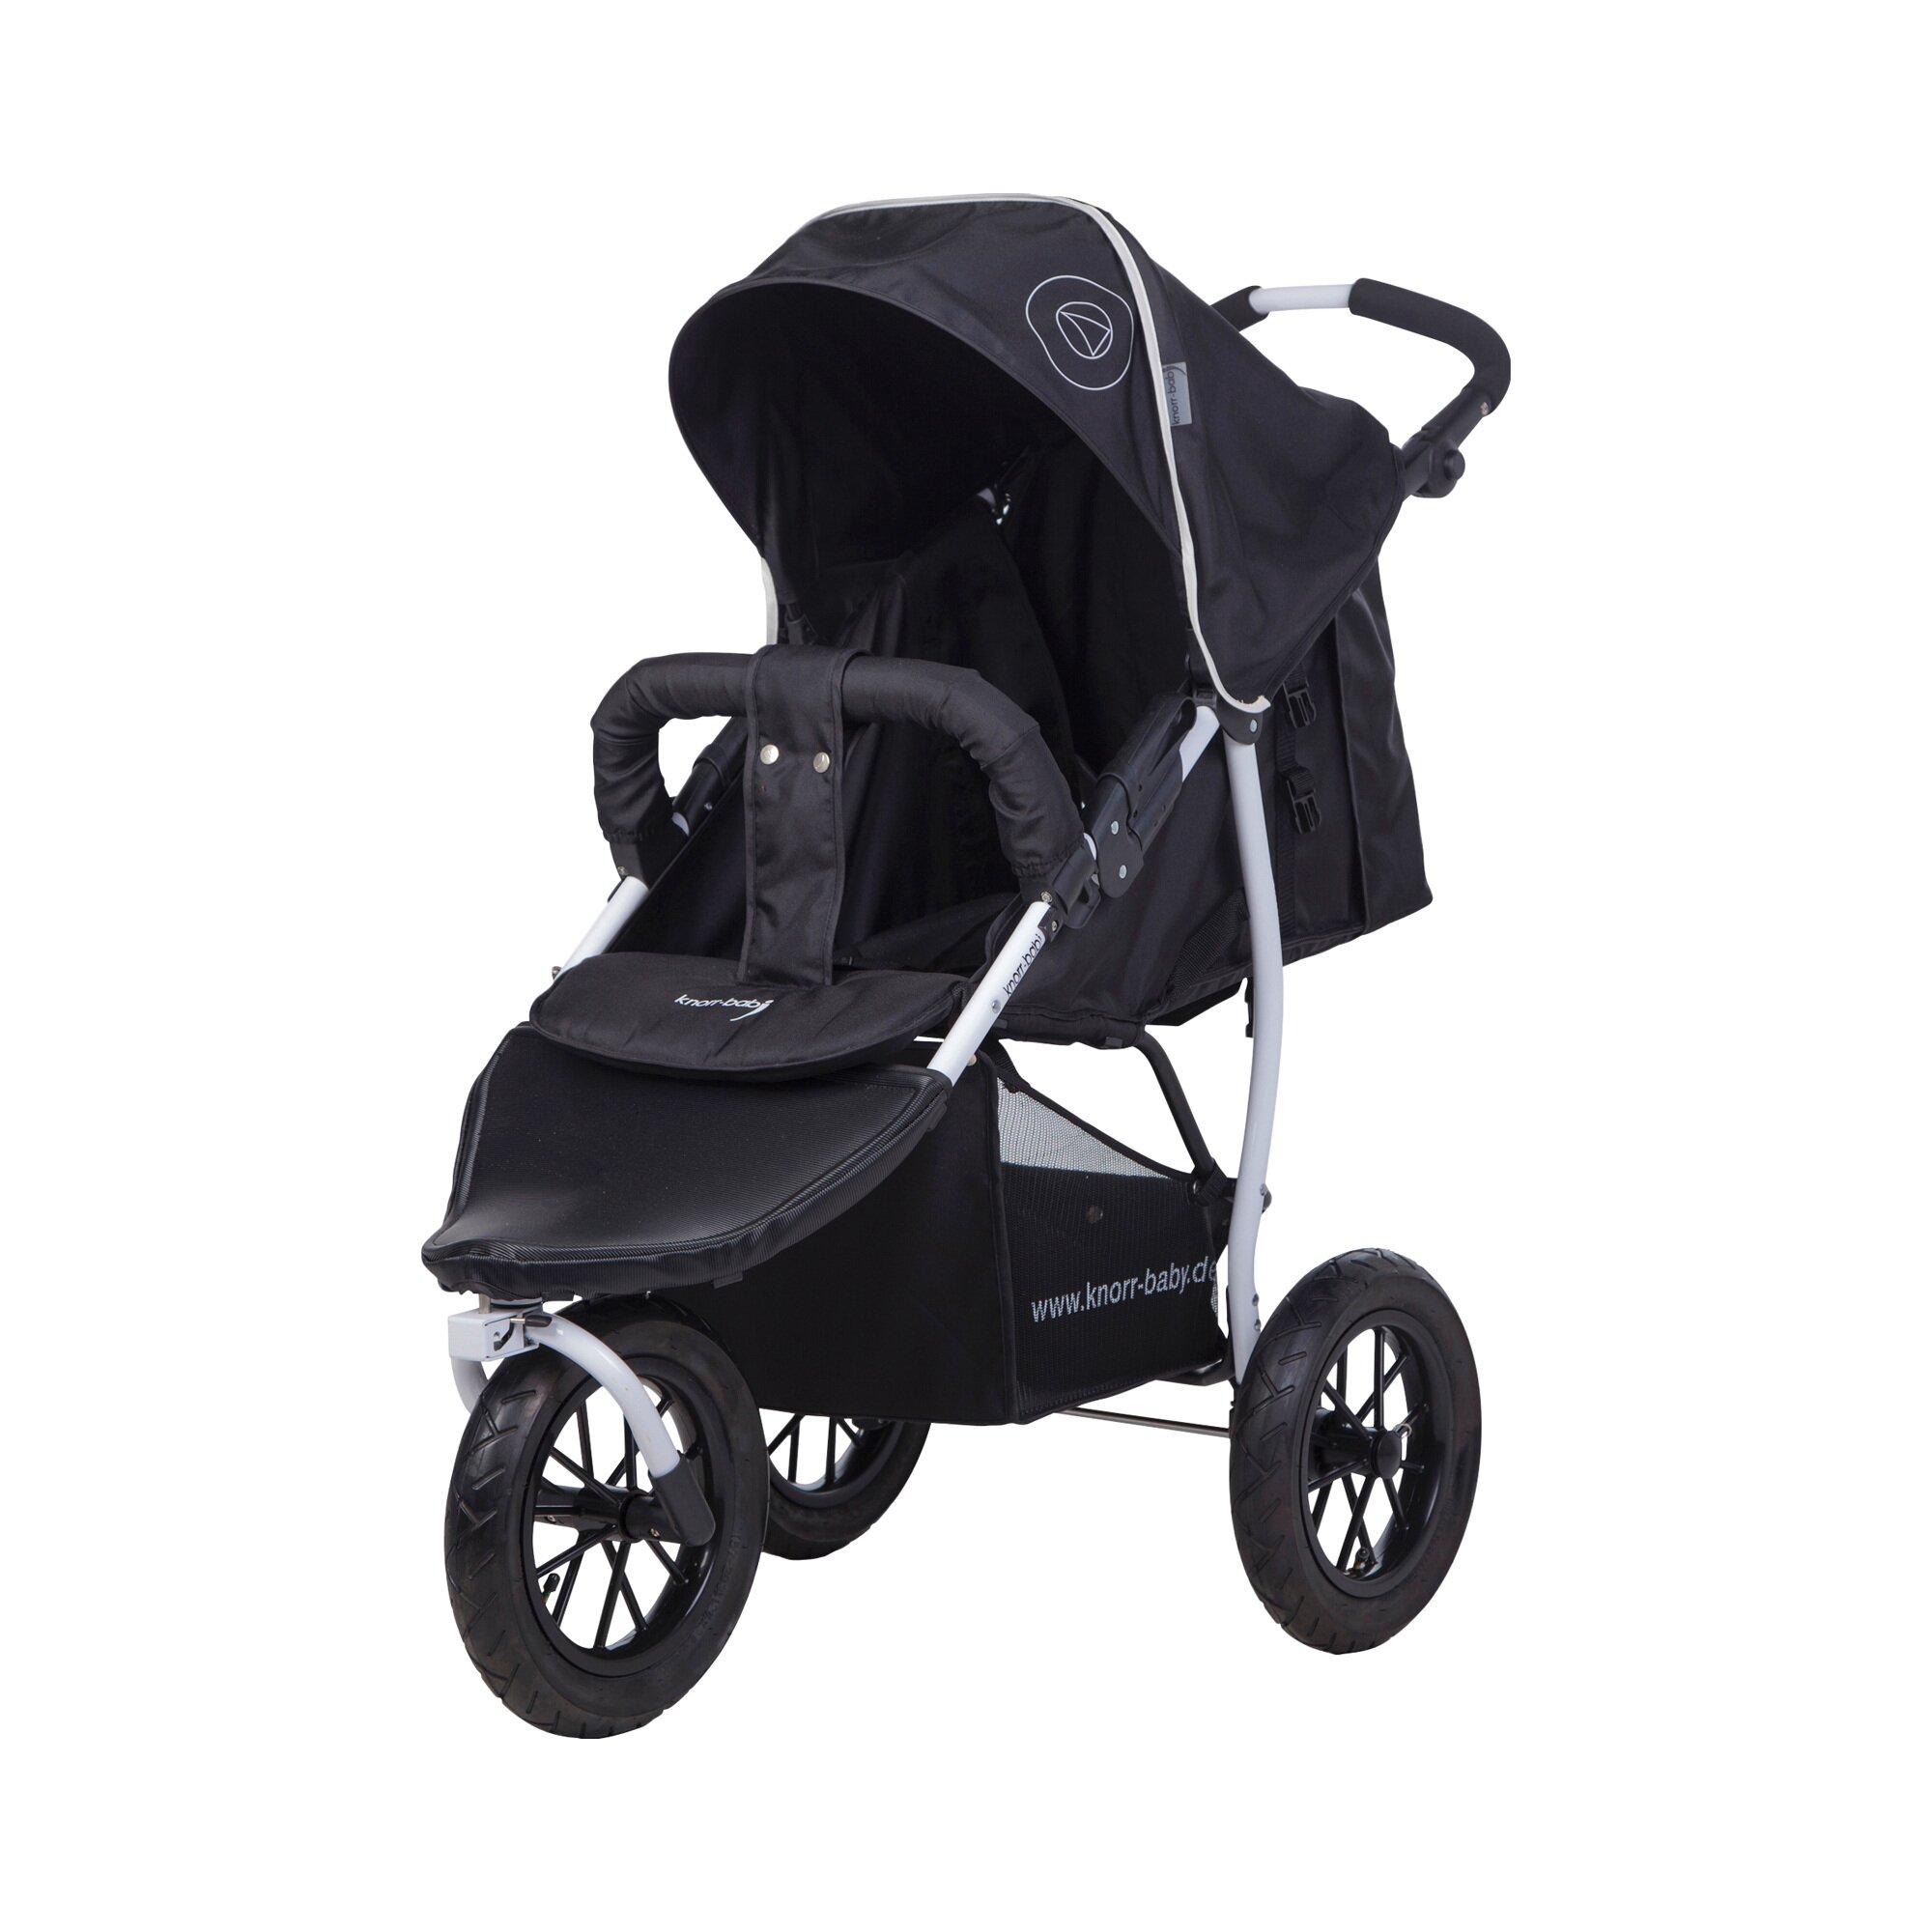 Knorr-Baby Joggy S Happy Colour Kinderwagen Sportwagen mit Schlummerverdeck schwarz